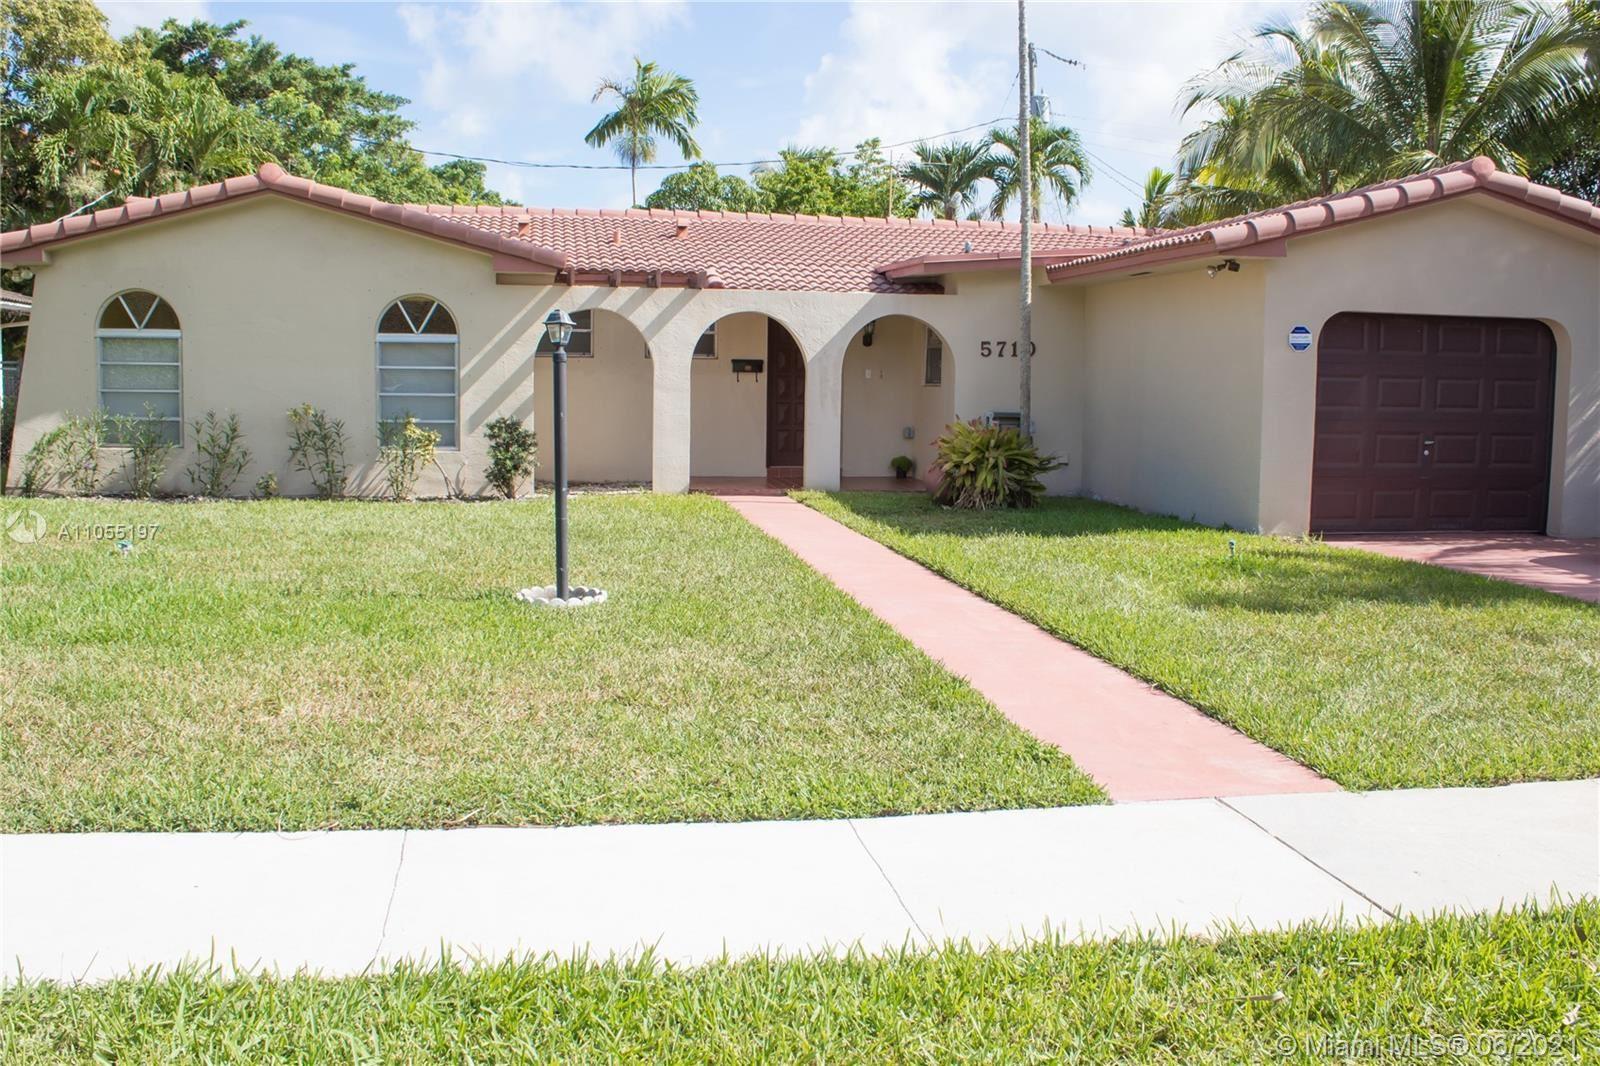 5710 SW 46th Ter, Miami, FL 33155 - #: A11055197